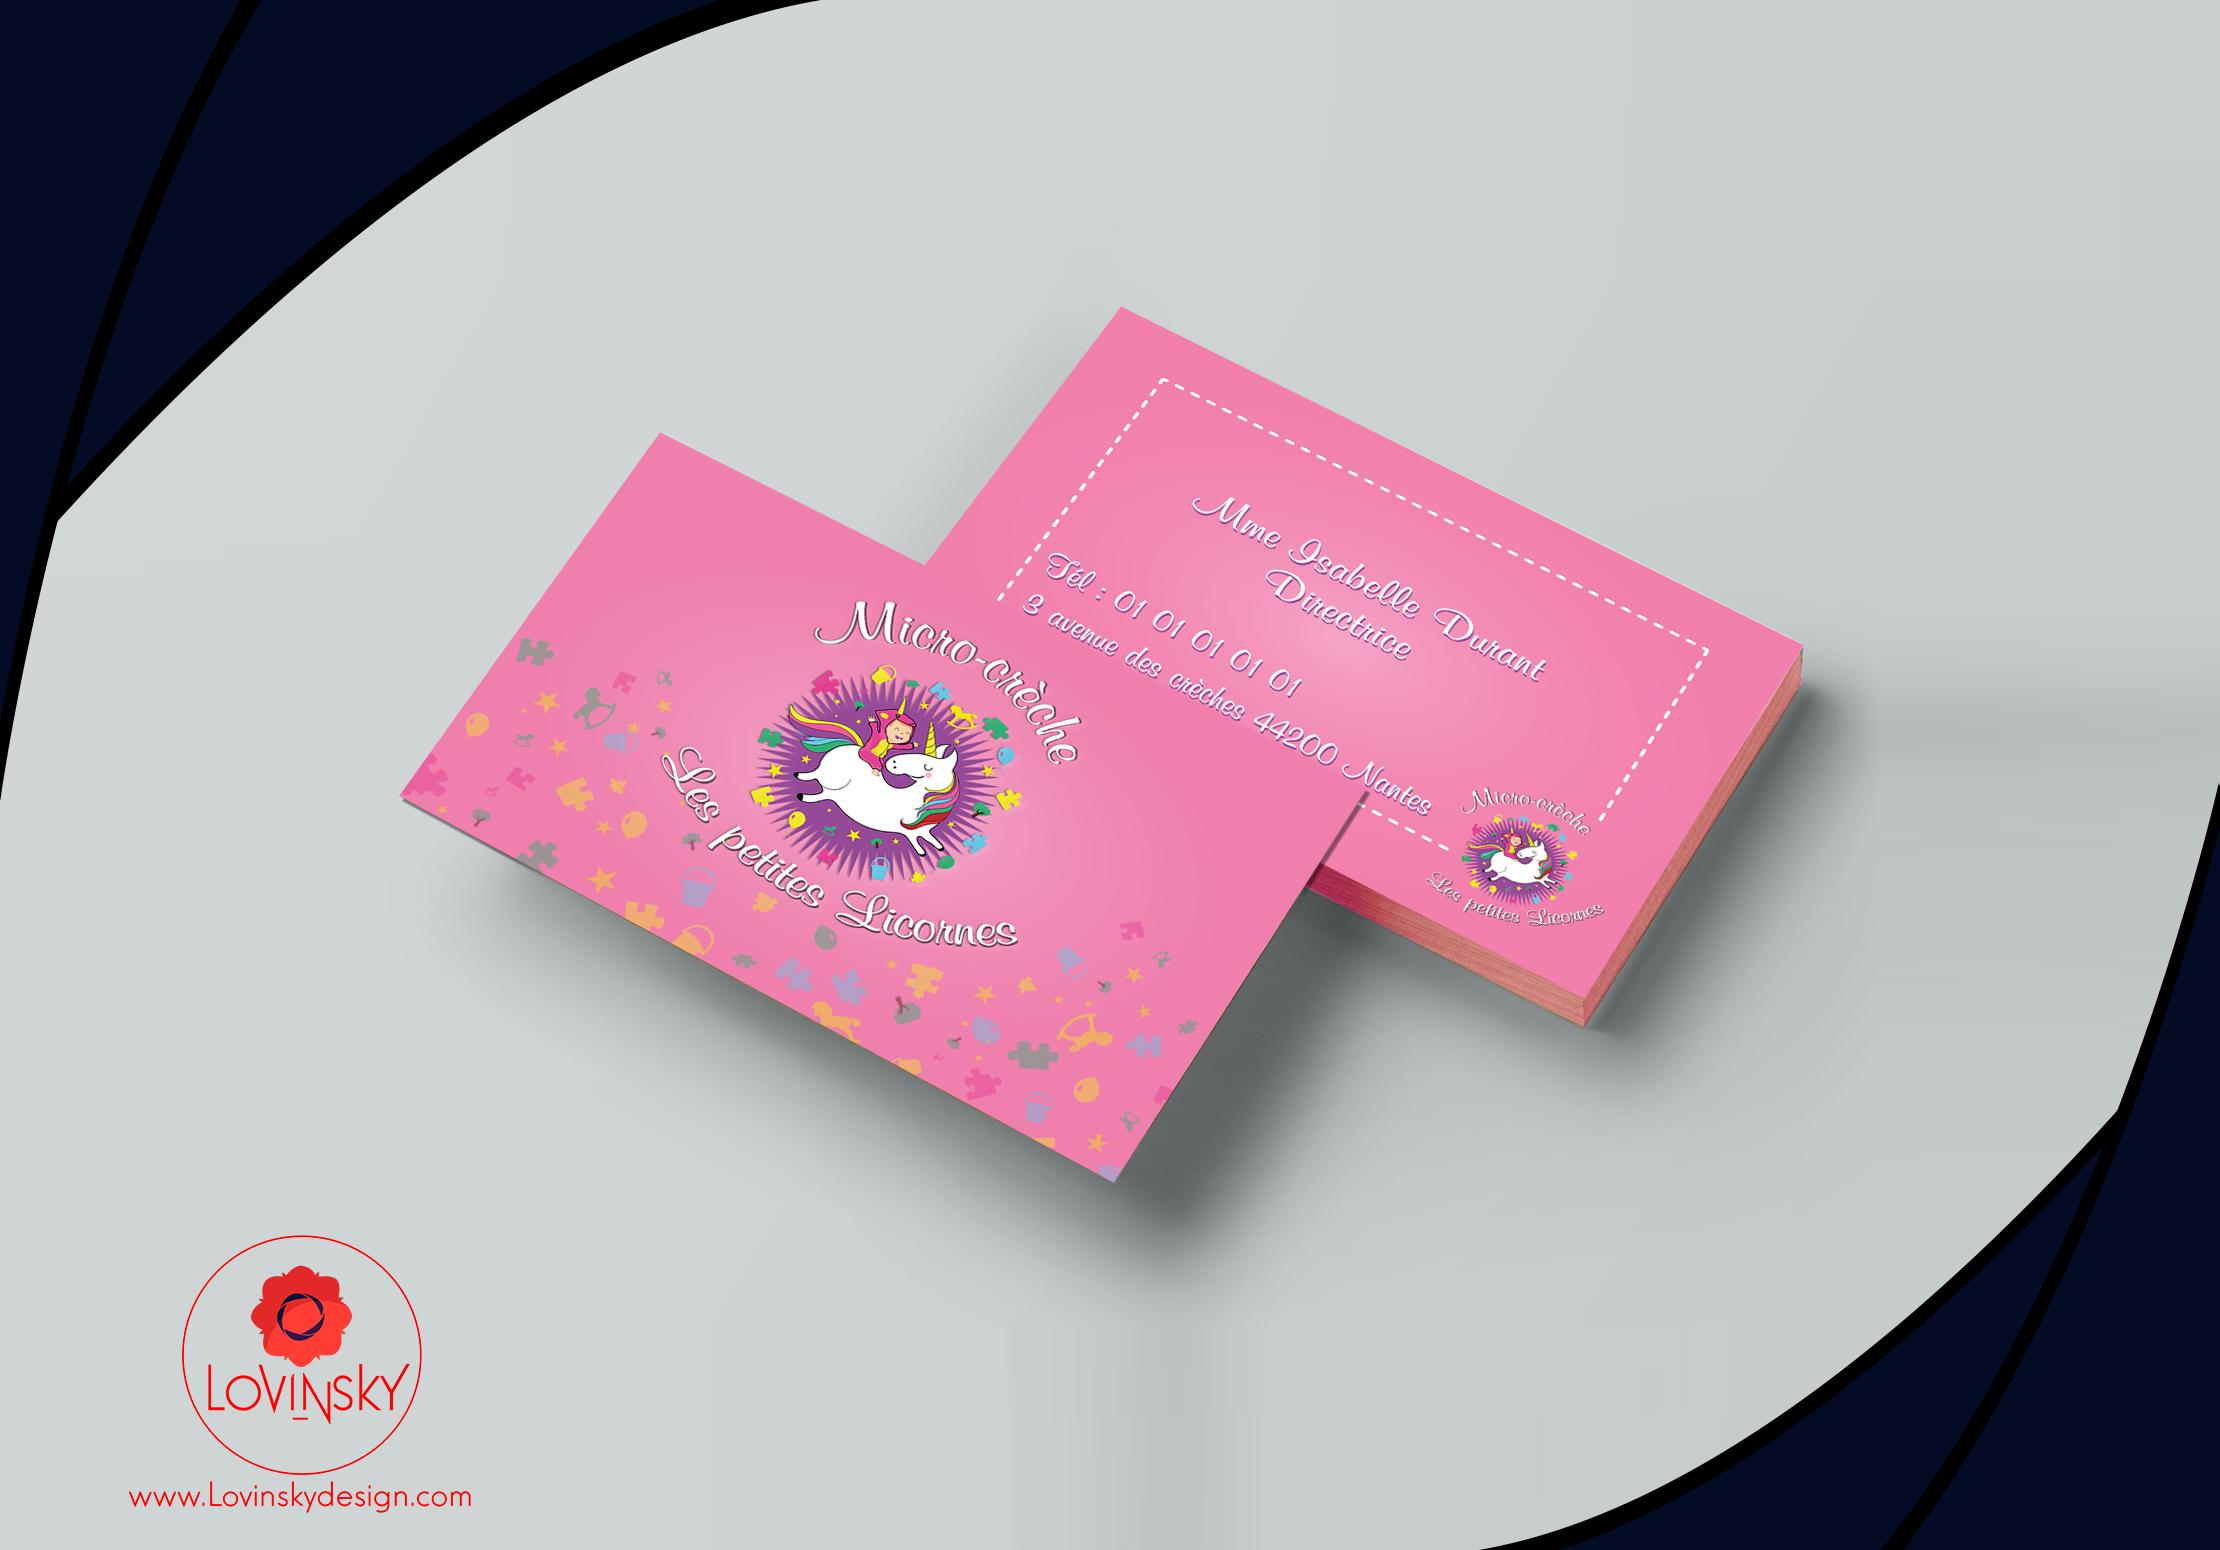 Carte De Visite Creche Pour Voir Plus Designs Lovinsky Rendez Vous Sur Lovinskydesign Facebook